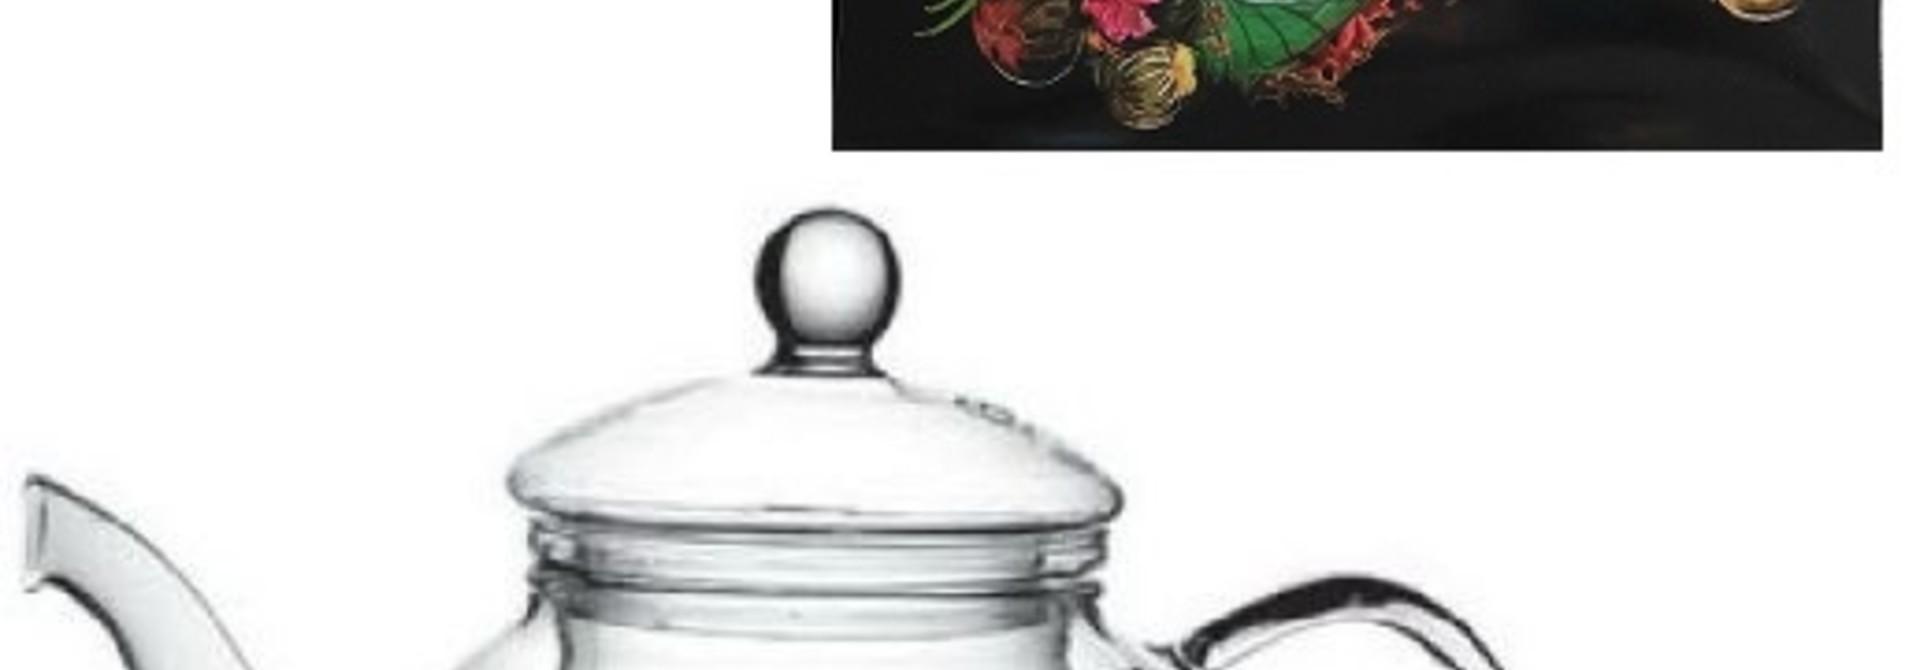 6 Fleurs de Thé + Théière JADE 600ml avec Filtre